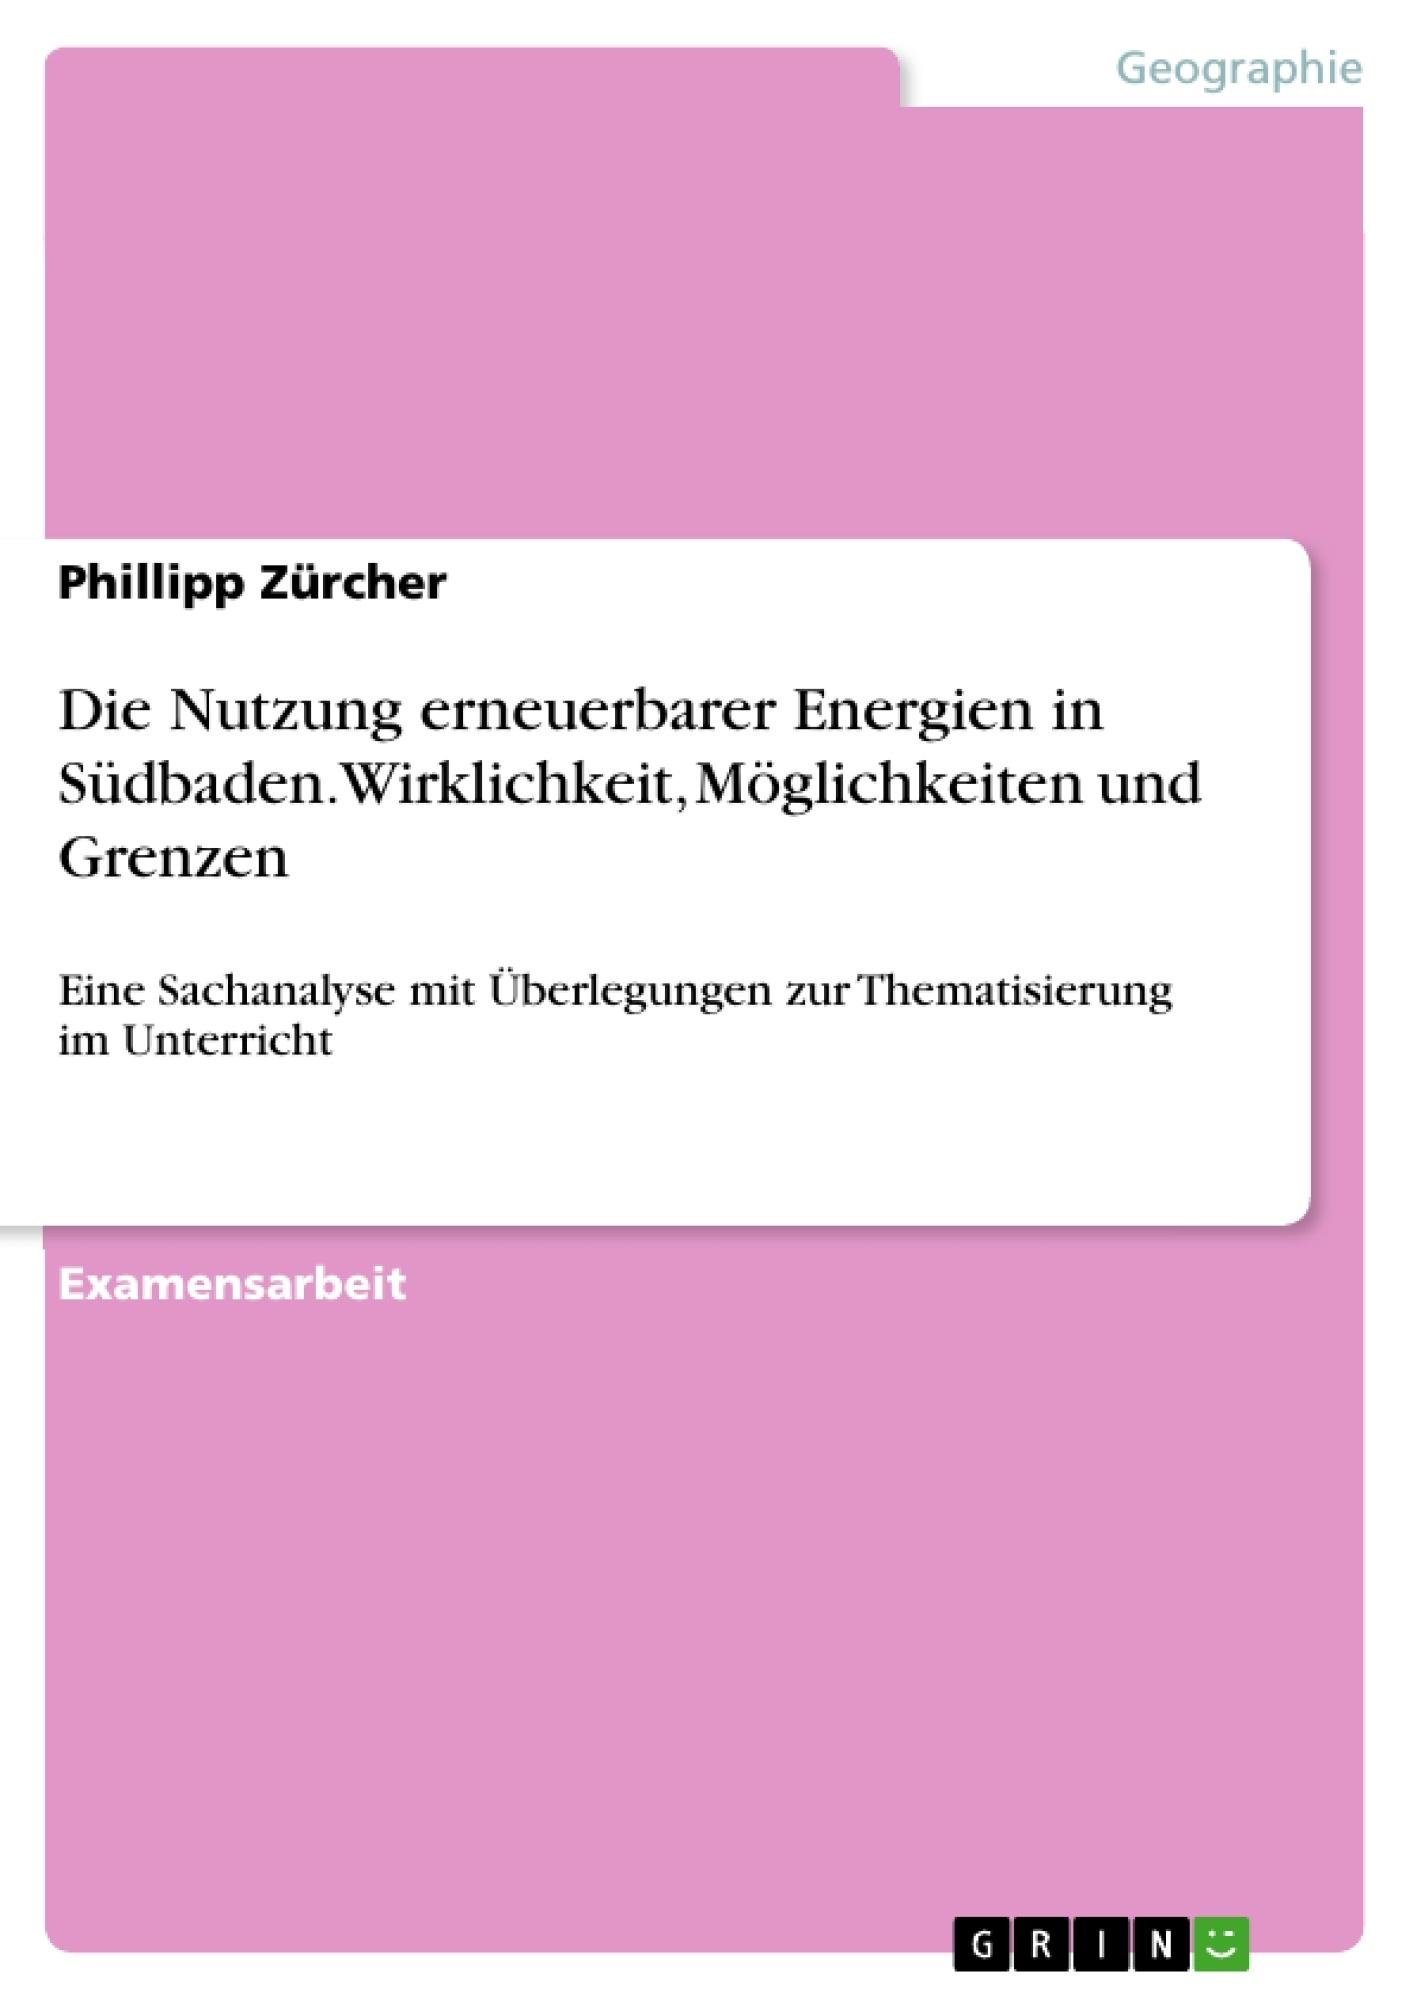 Titel: Die Nutzung erneuerbarer Energien in Südbaden. Wirklichkeit, Möglichkeiten und Grenzen